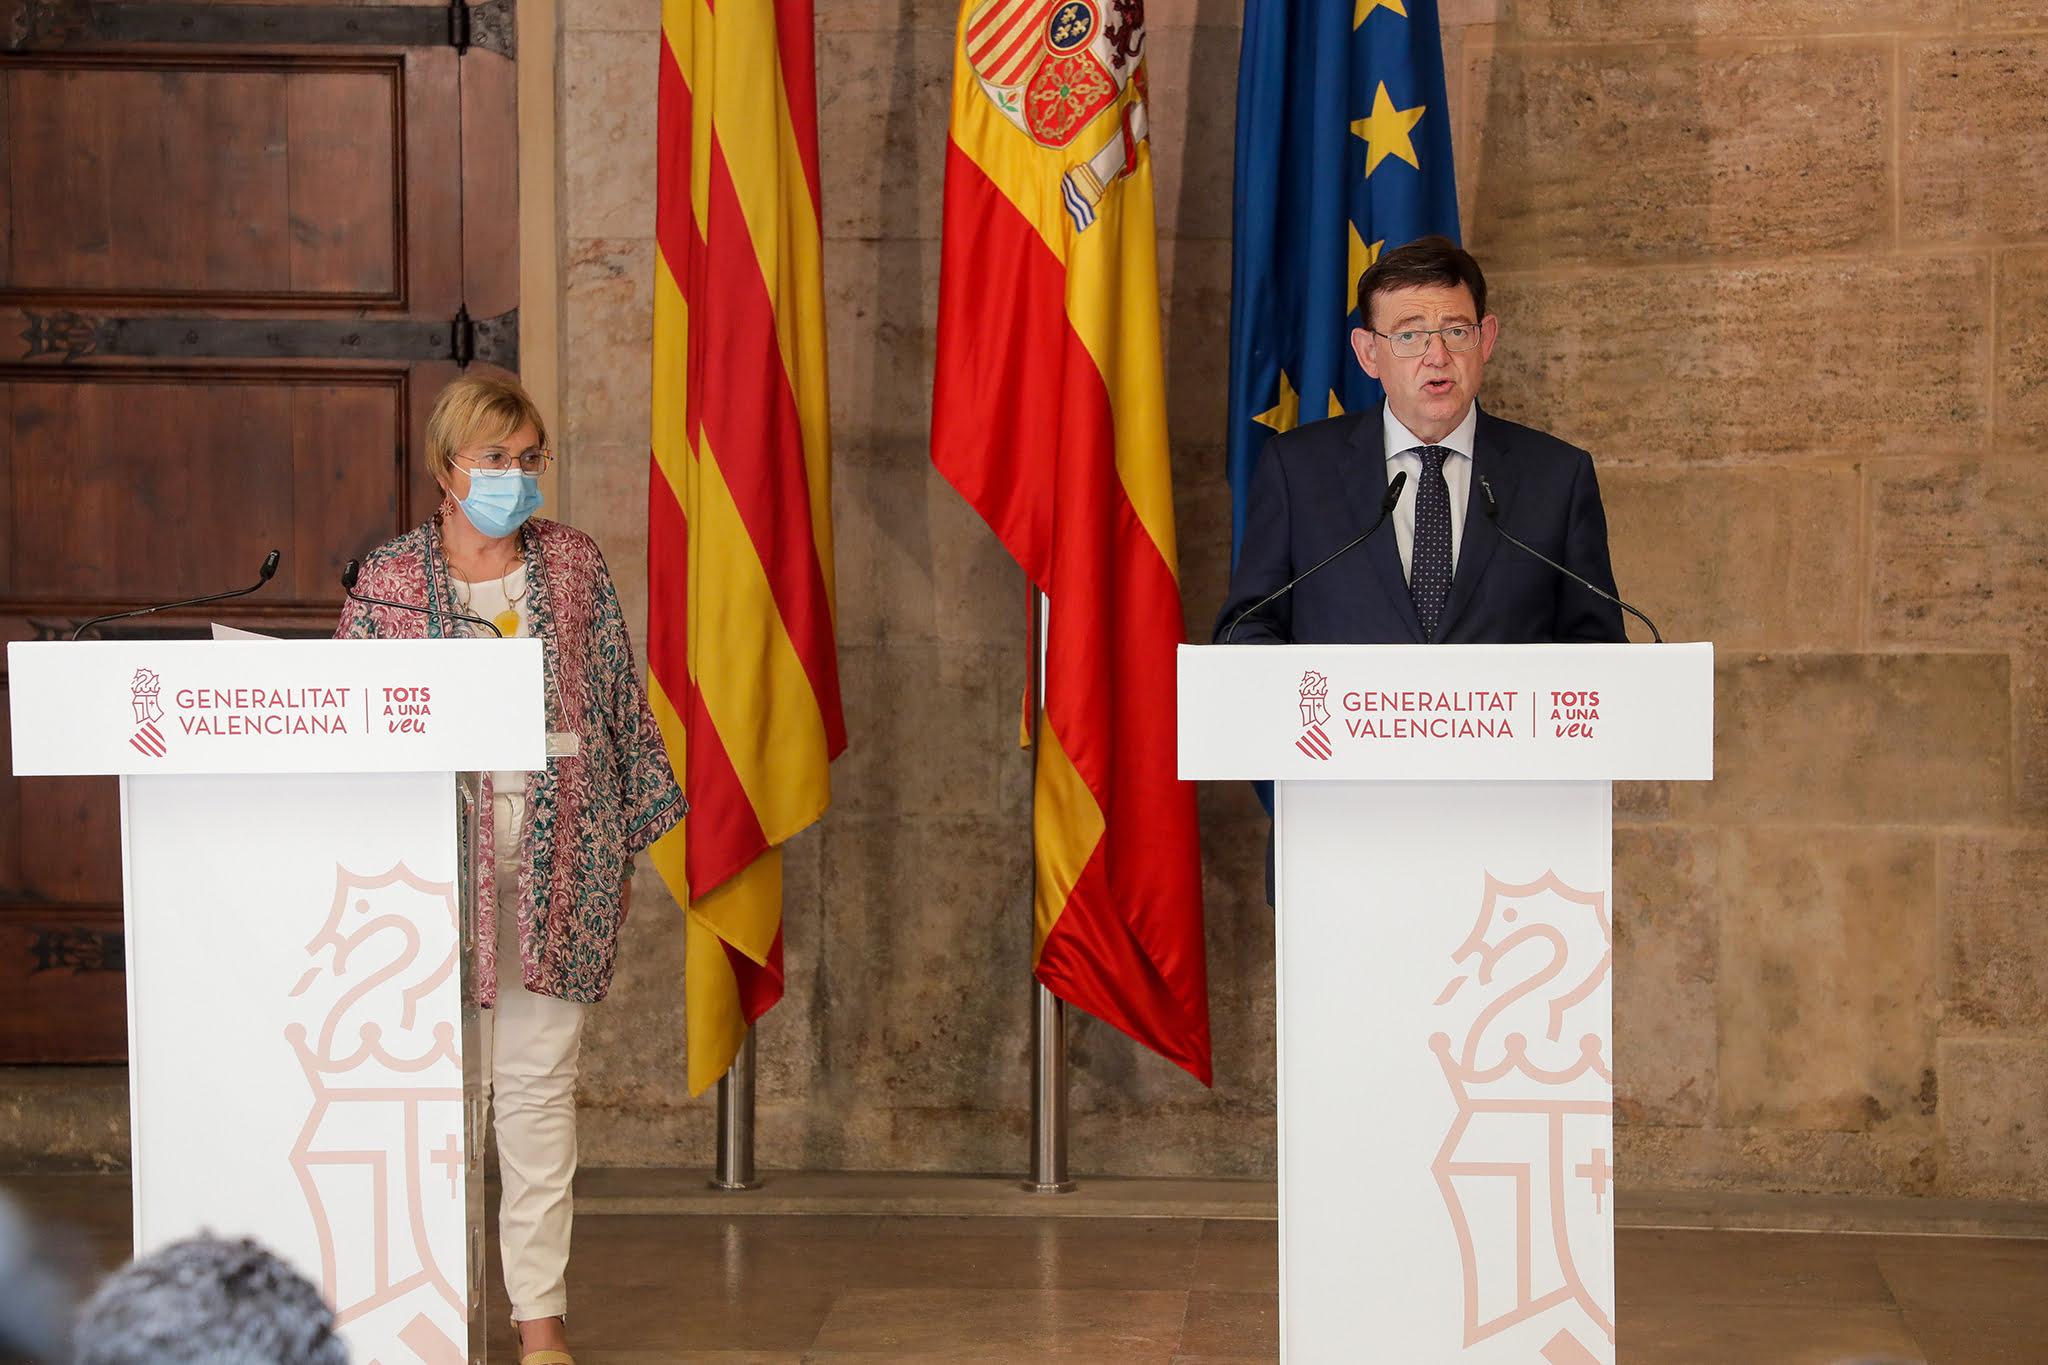 El president de la Generalitat ha presidido la Mesa Interdepartamental para la Prevención y Actuación ante la COVID-19, en la que se ha acordado la prórroga de las actuales medidas